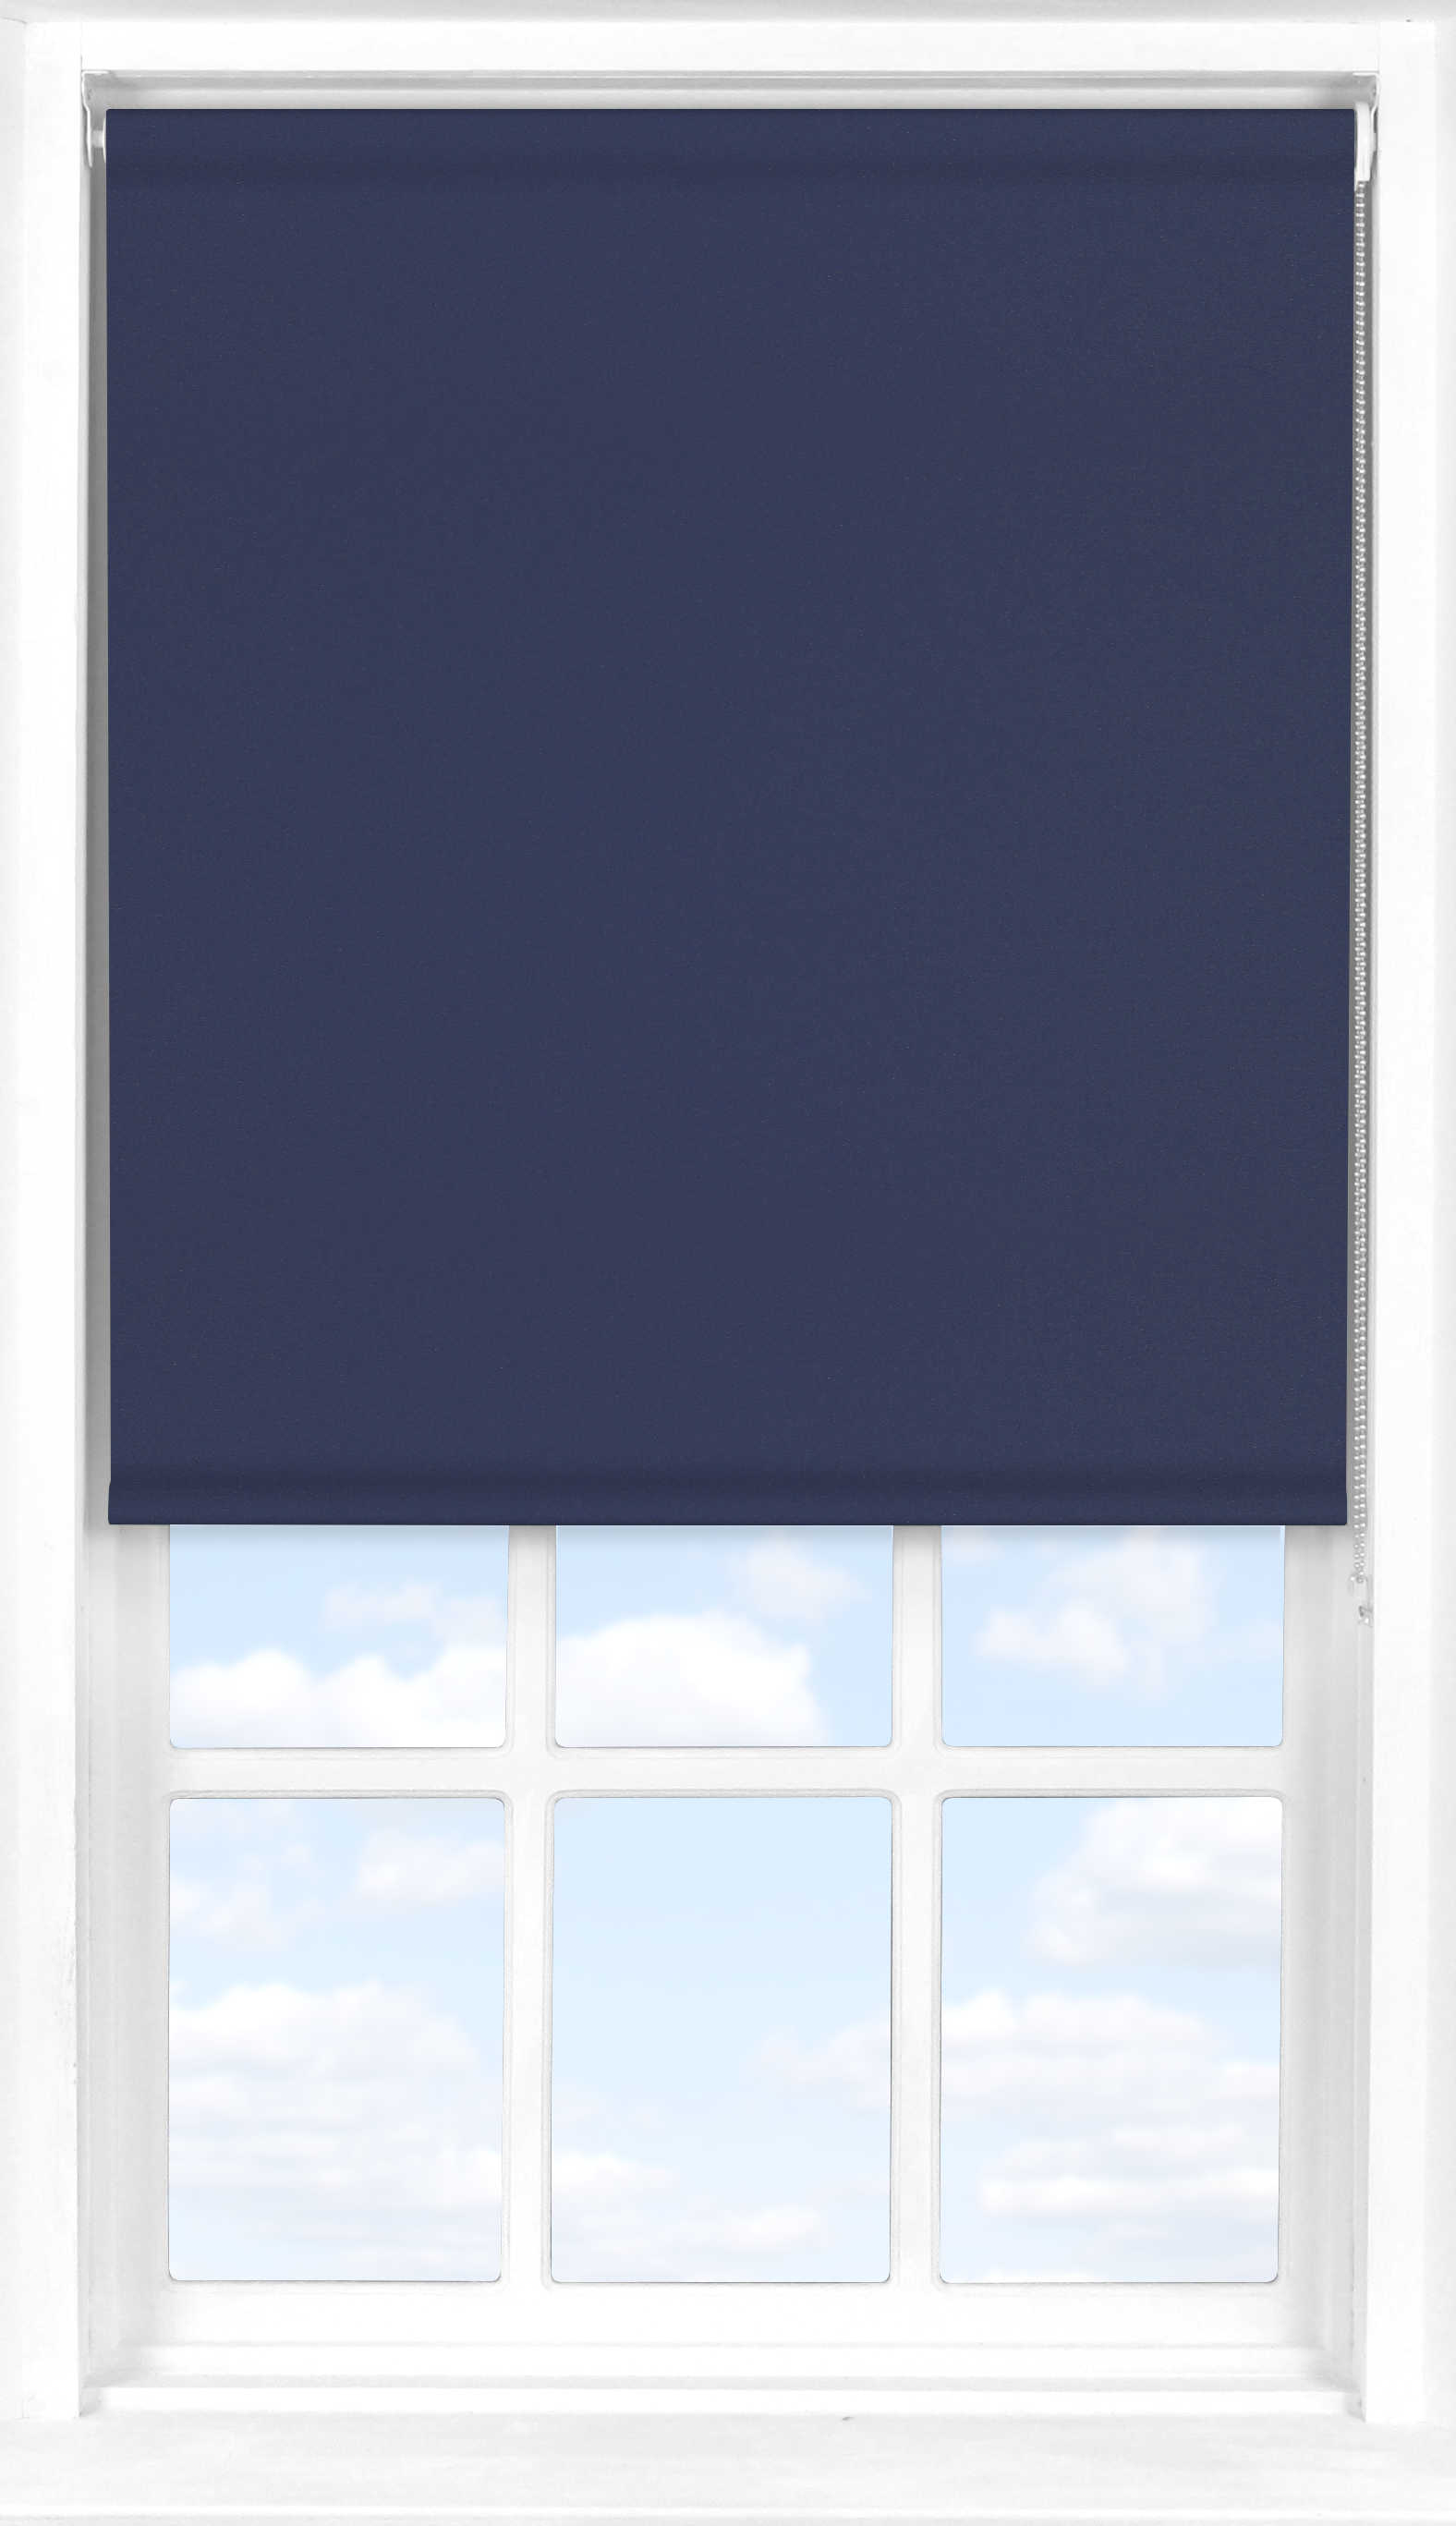 related blinds uk cream roller blind cheapest g roman inch mini ltd blackout